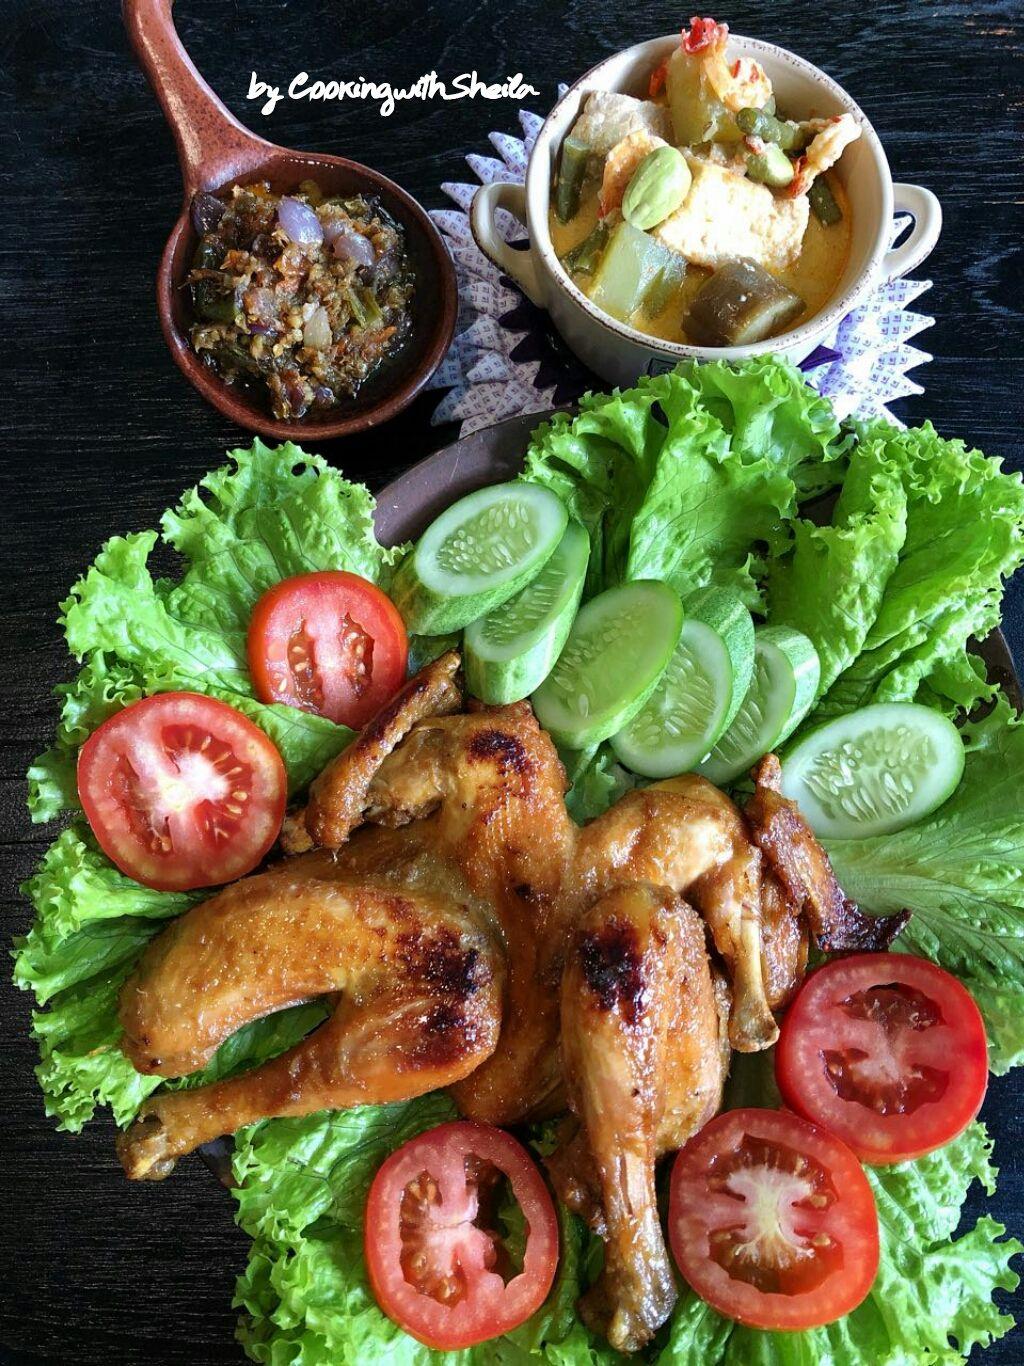 Ayam Goreng Kalasan Bumbunya Menurut Saya Mirip Dengan Bumbu Baceman Yang Membedakan Ayam Goreng Kalasan Mengguna Memasak Resep Masakan Indonesia Ayam Goreng